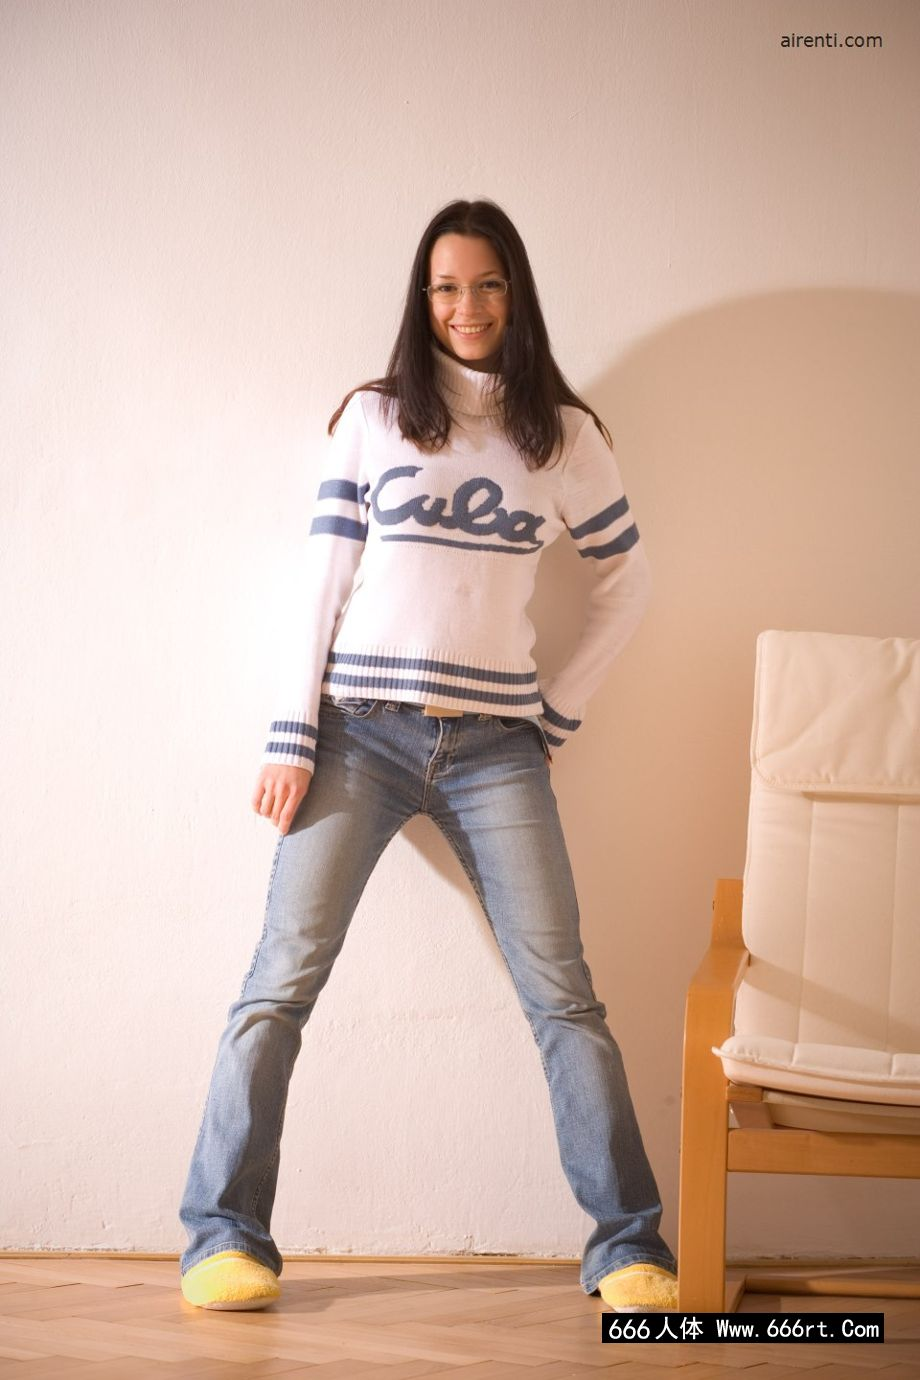 美国高中的学生凯瑟琳在家自拍内裤摄影